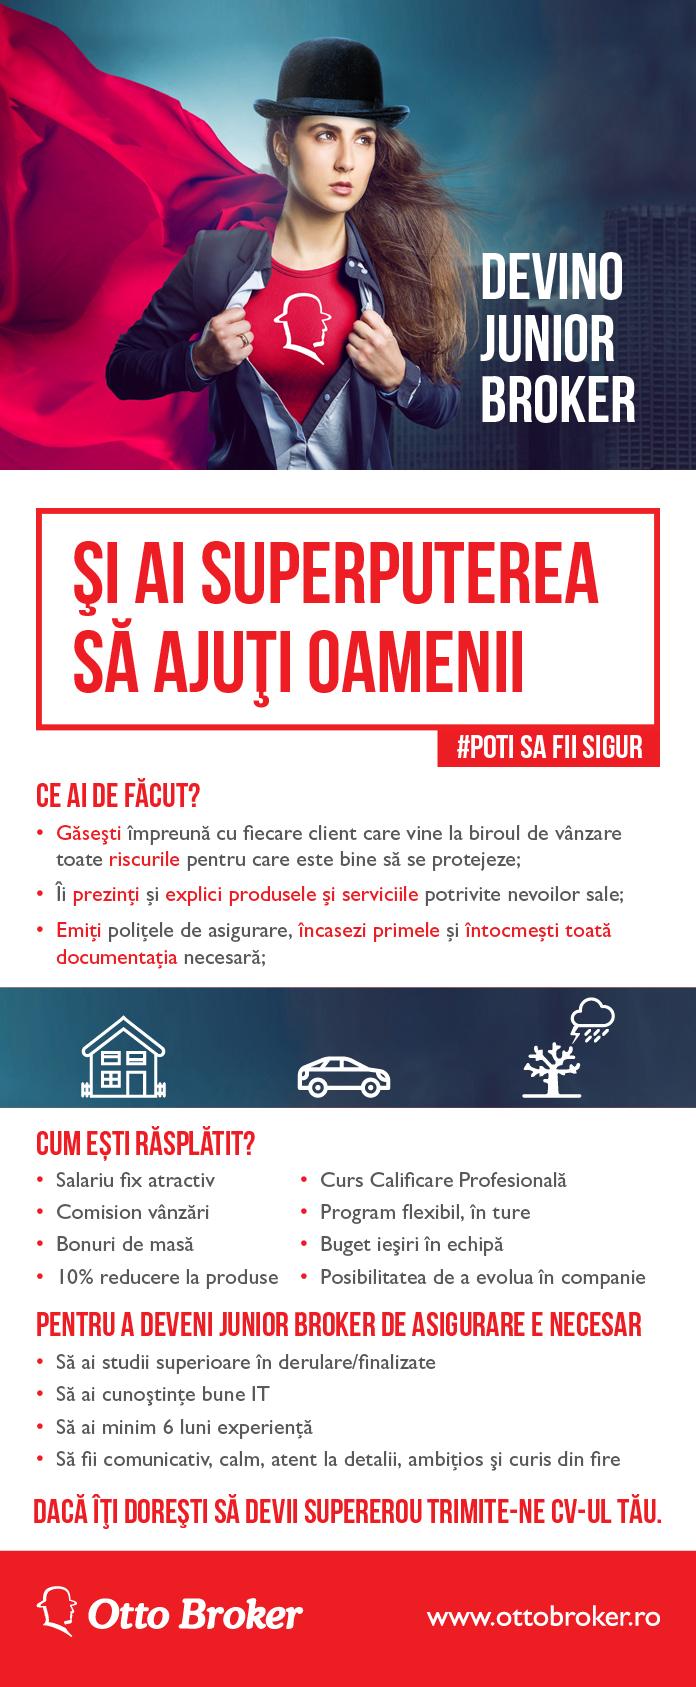 Cine suntem noi?  Suntem primul broker de asigurari autorizat din Romania, cu o experienta de 18 ani in domeniu. Echipa Otto Broker numara acum 130 de angajati proprii, cu o medie de varsta de 25 de ani. Avem 130.000 de clienti, 2 divizii de vanzare: retail si corporate, o retea teritoriala formata din 30 de birouri de vanzare in toata tara si oferim servicii premium in asigurari pentru 400 de companii. Suntem cel mai mare operator de brokeraj de asigurari retail in centre comerciale, fiind partener Carrefour & Cora. Clientii Diviziei Corporate sunt in general, reprezentati ai unor companii romanesti de dimensiuni medii si mari, dar gestionam si riscuri pentru companii multinationale prezente in Romania. In afara de faptul ca ne facem treaba bine, ne place sa ne si distram!